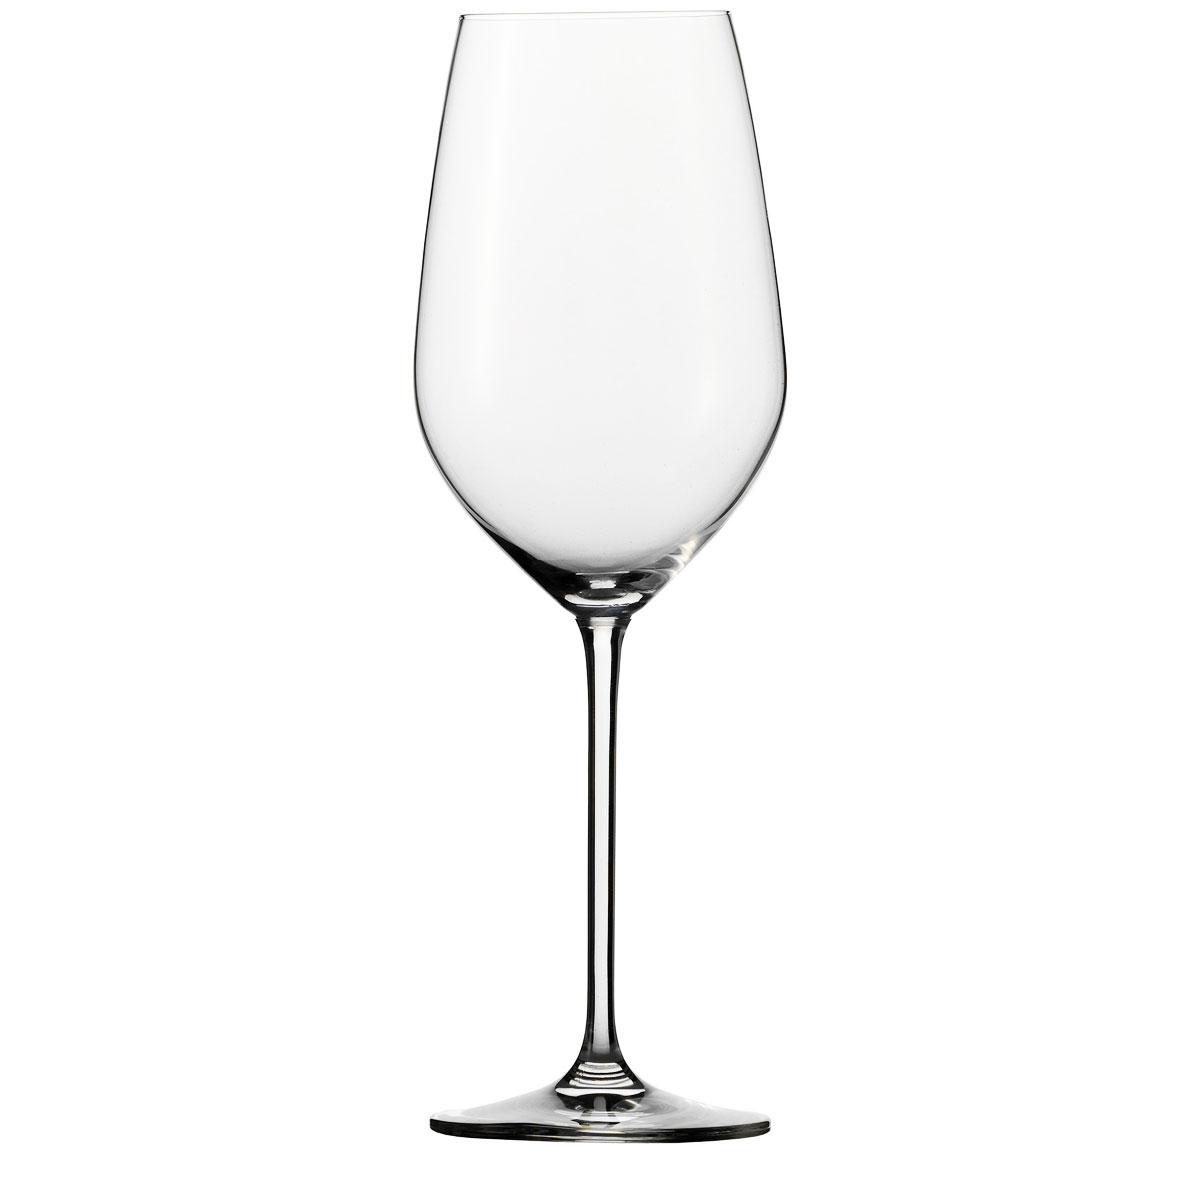 Schott Zwiesel Tritan Crystal, Fortissimo Bordeaux, Cabernet Glass, Single